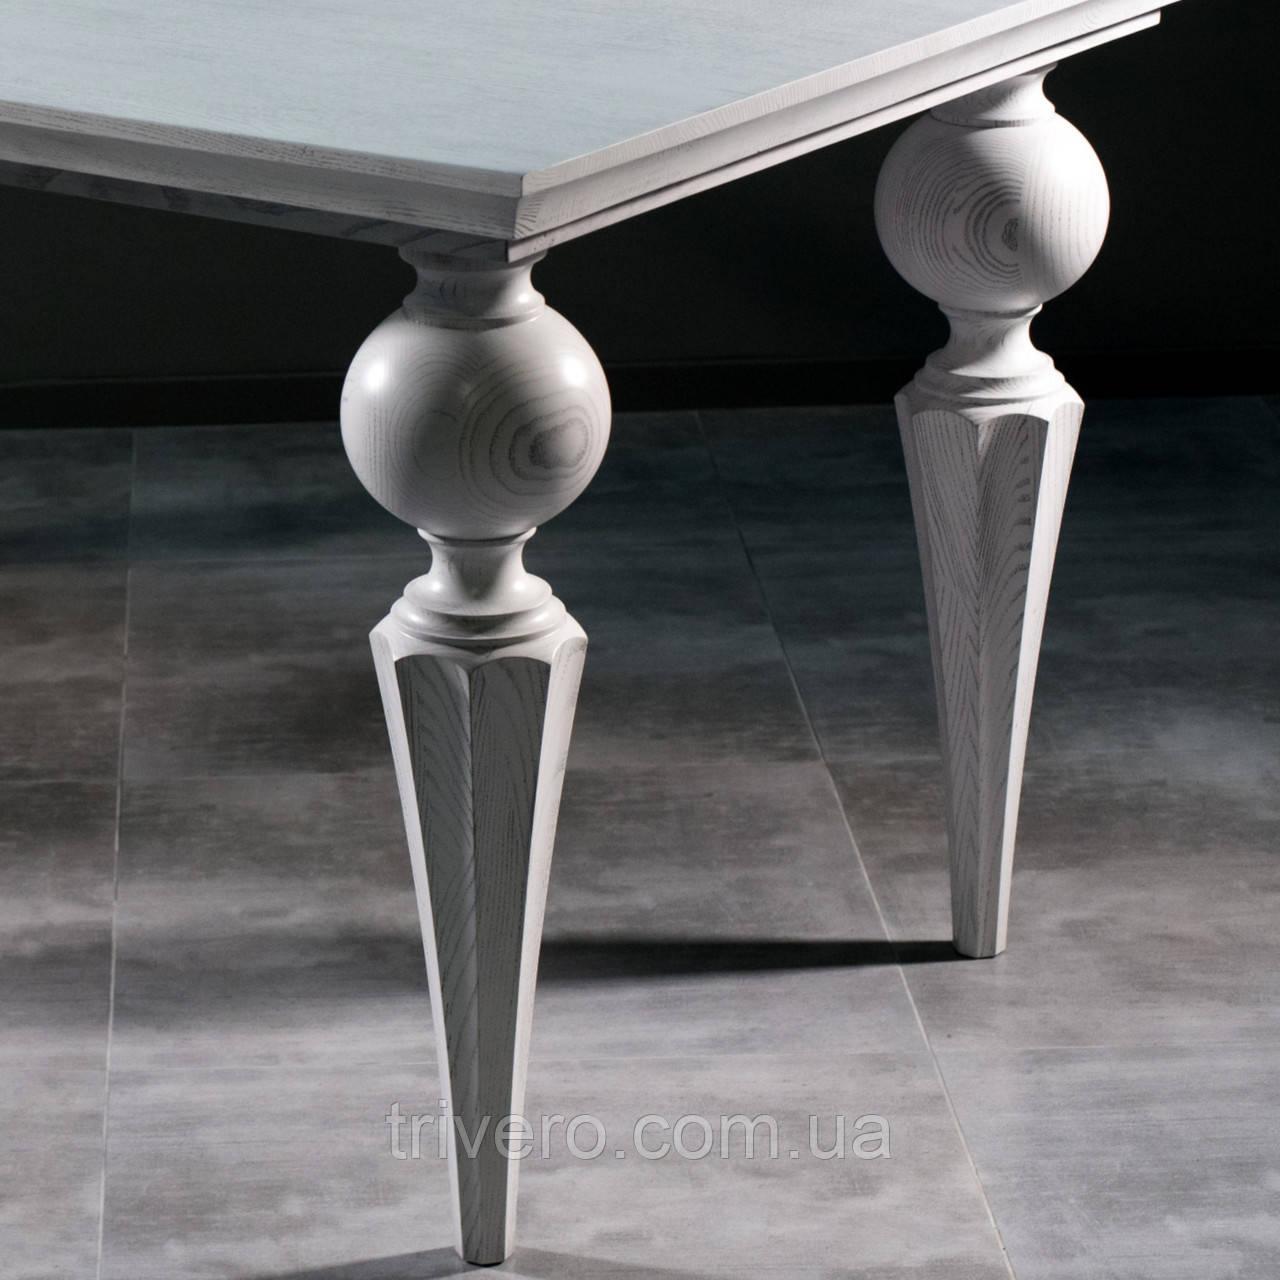 NM-12. Мебельные ножки и опоры деревянные для стола с гранями H.760 D.180